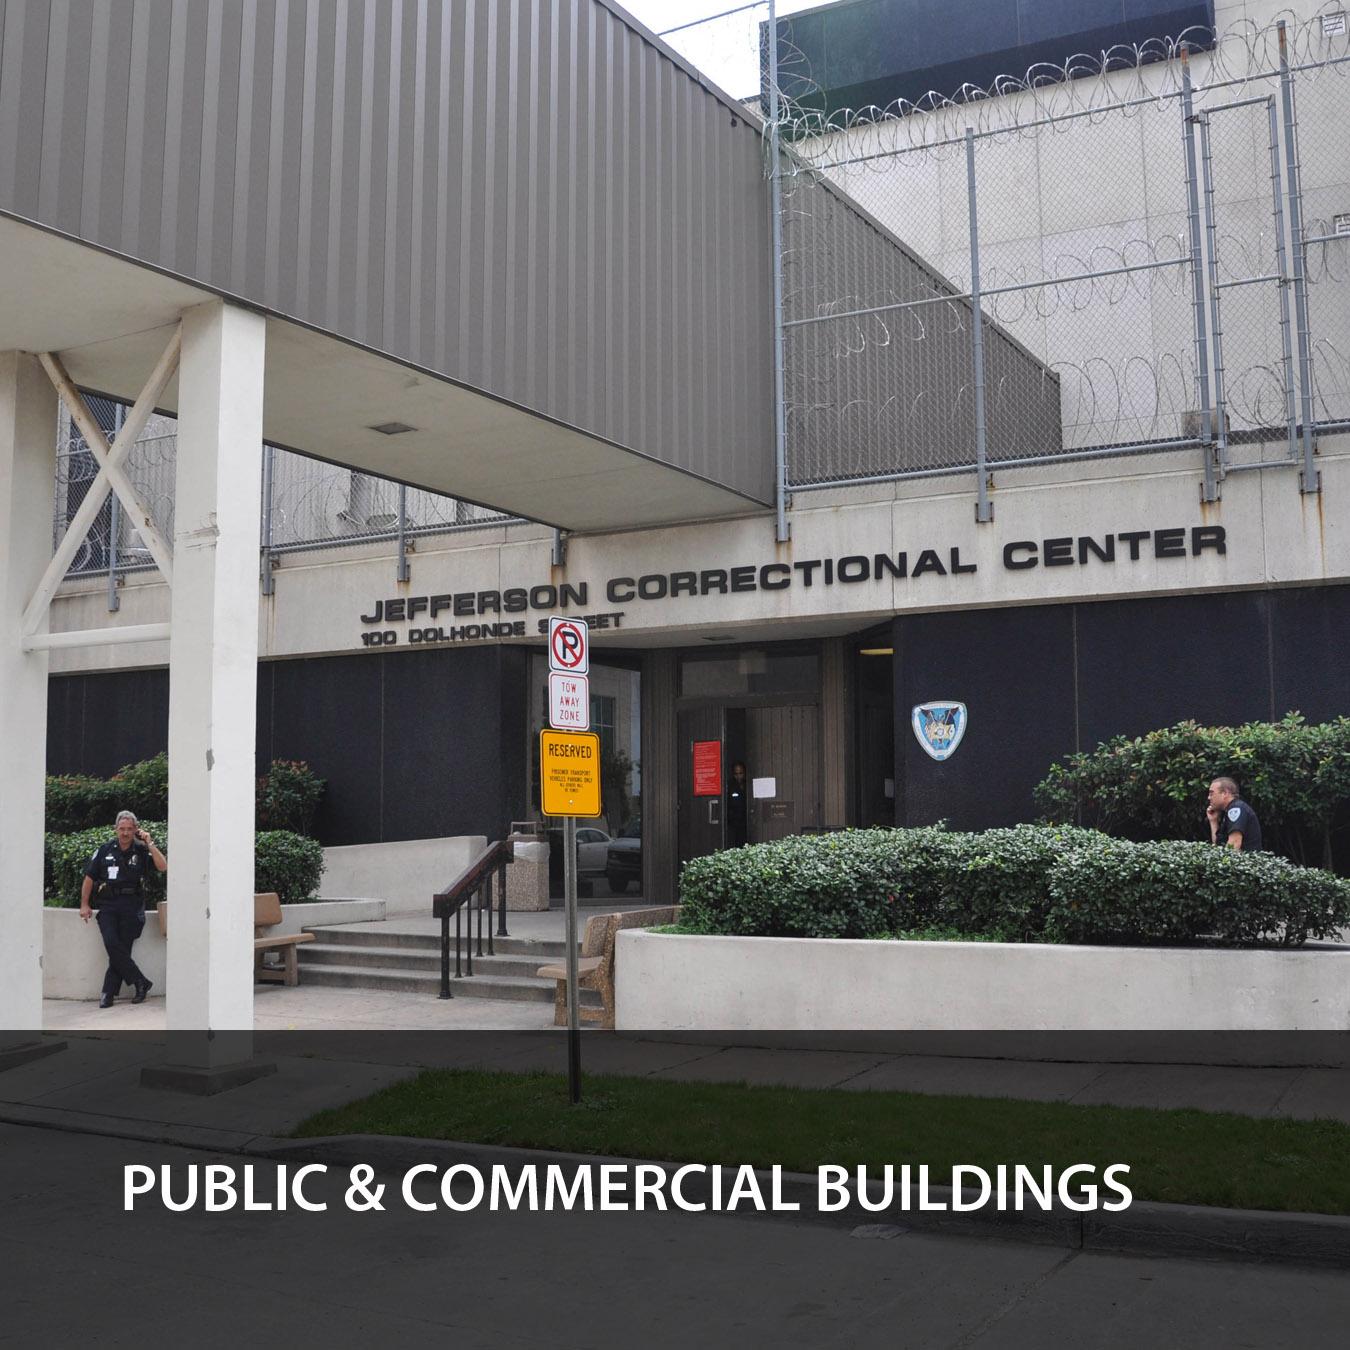 Public & Commercial Buildings